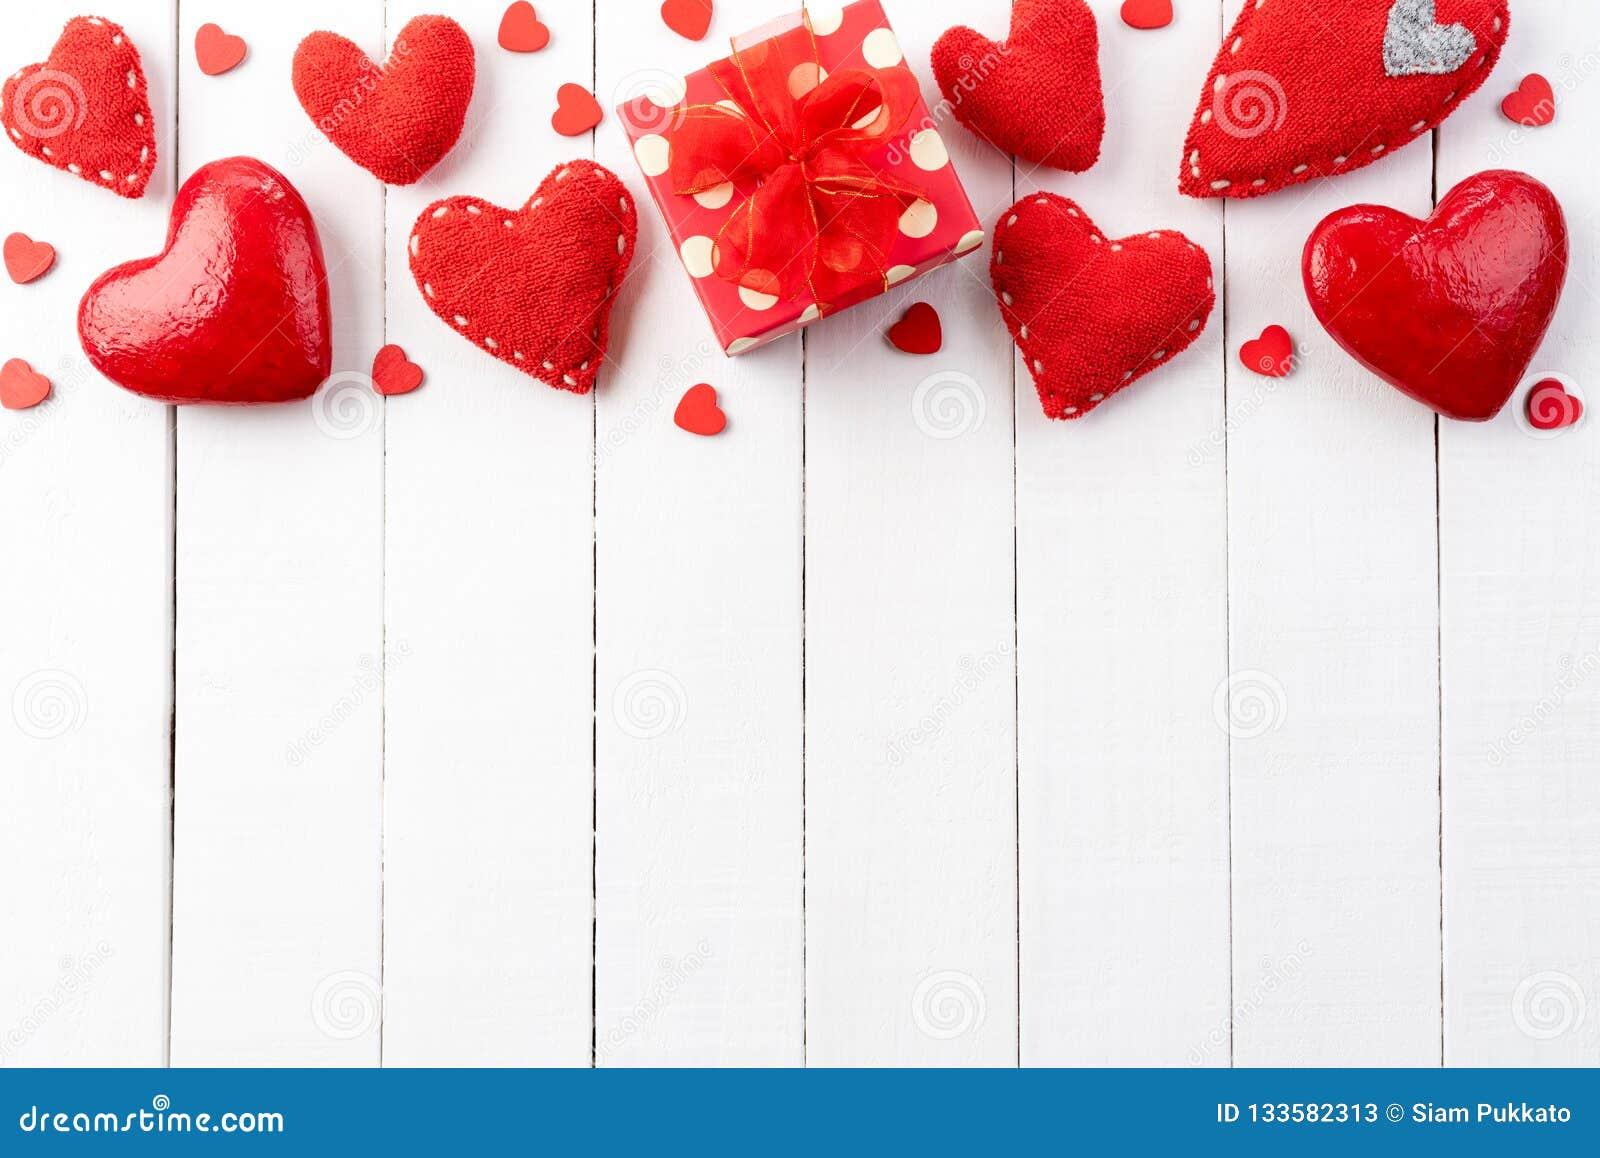 Έννοια ημέρας και αγάπης βαλεντίνων χειροποίητες κόκκινες καρδιές με το κόκκινο κιβώτιο δώρων